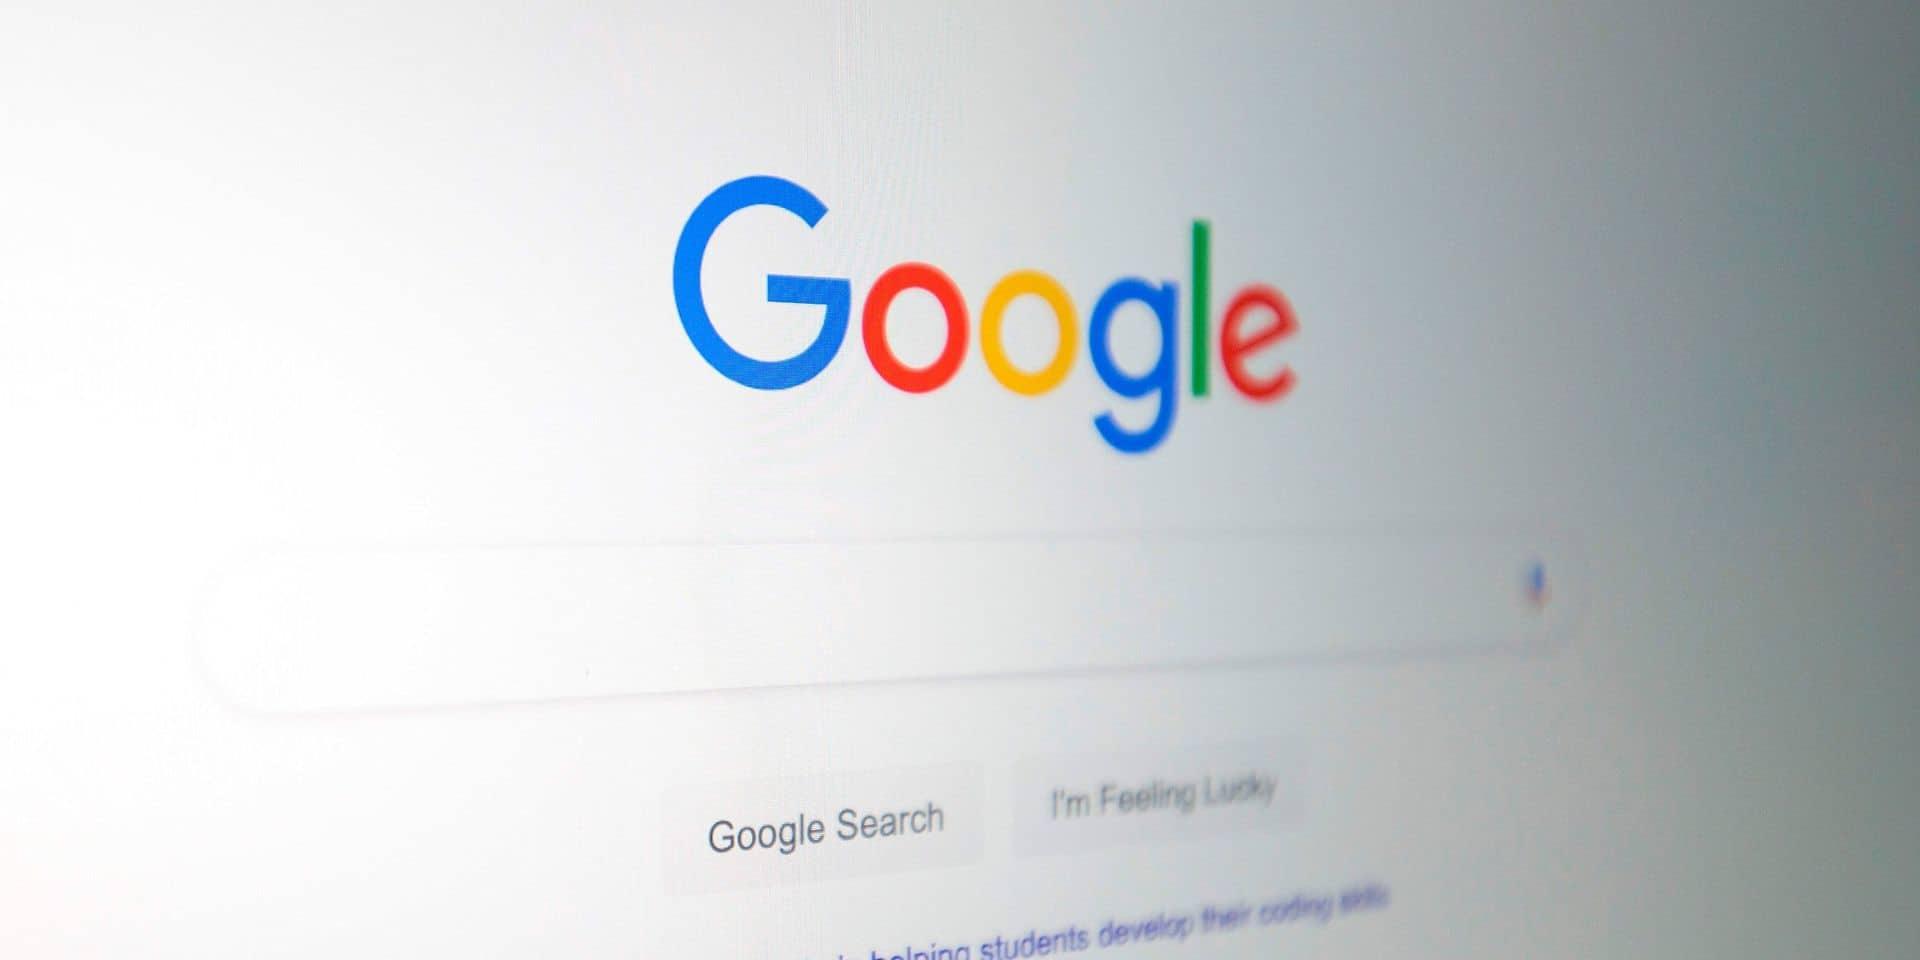 Qui est cet inventeur belge à qui Google rend hommage?